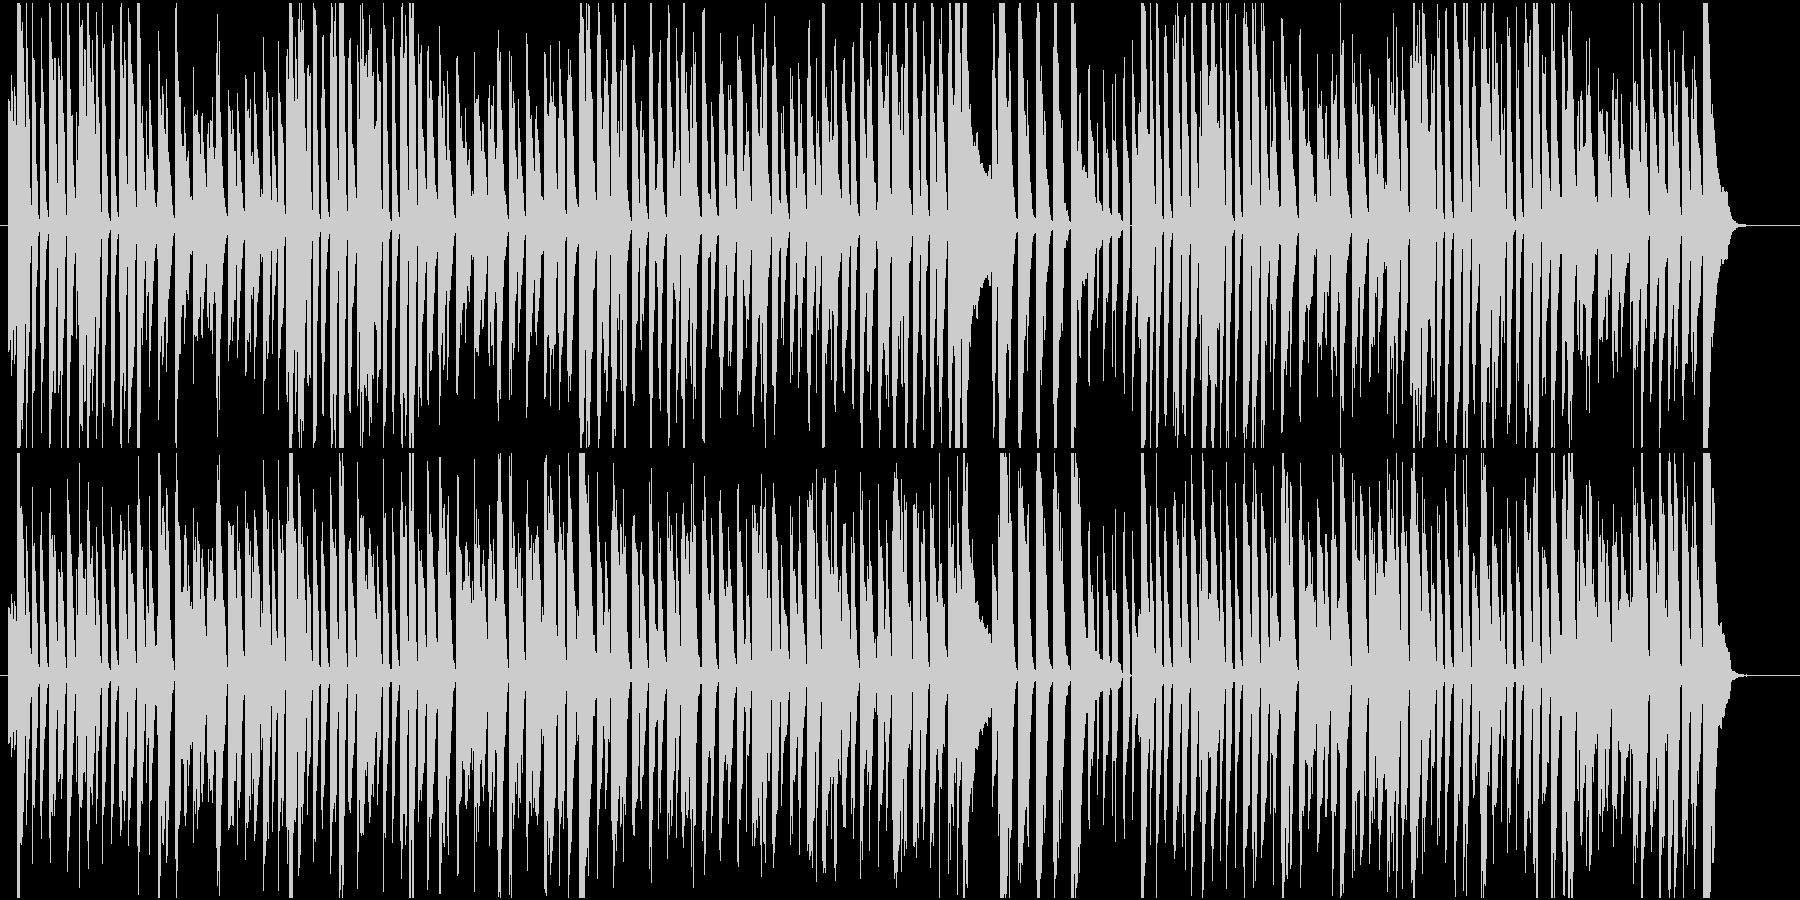 ヒロイン達と会話してる昼間的な日常BGMの未再生の波形